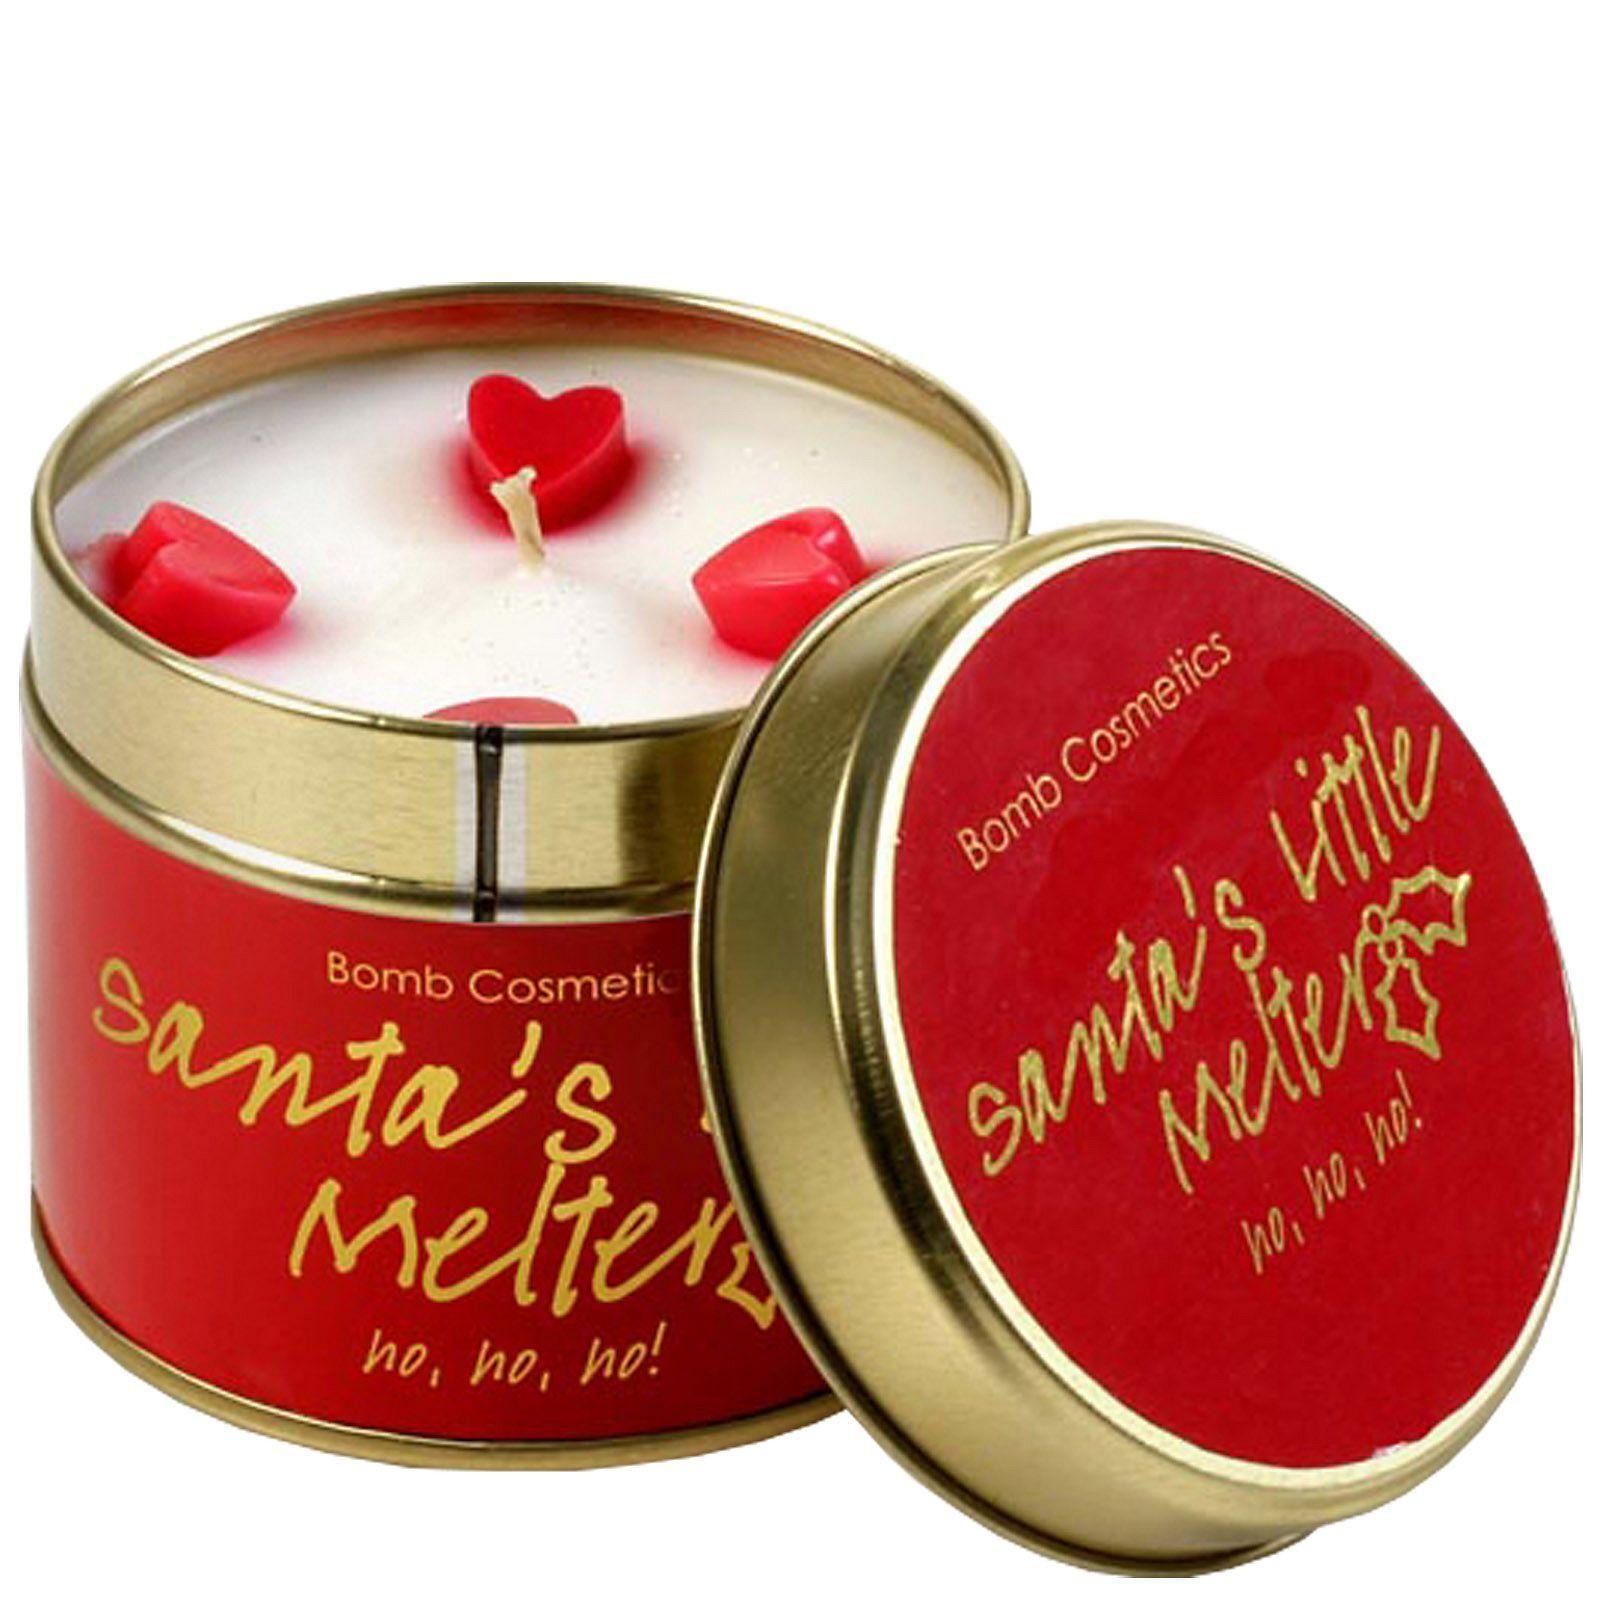 Bomb Cosmetics Tinned Candle Melter poco di Babbo Natale: Latta della candela